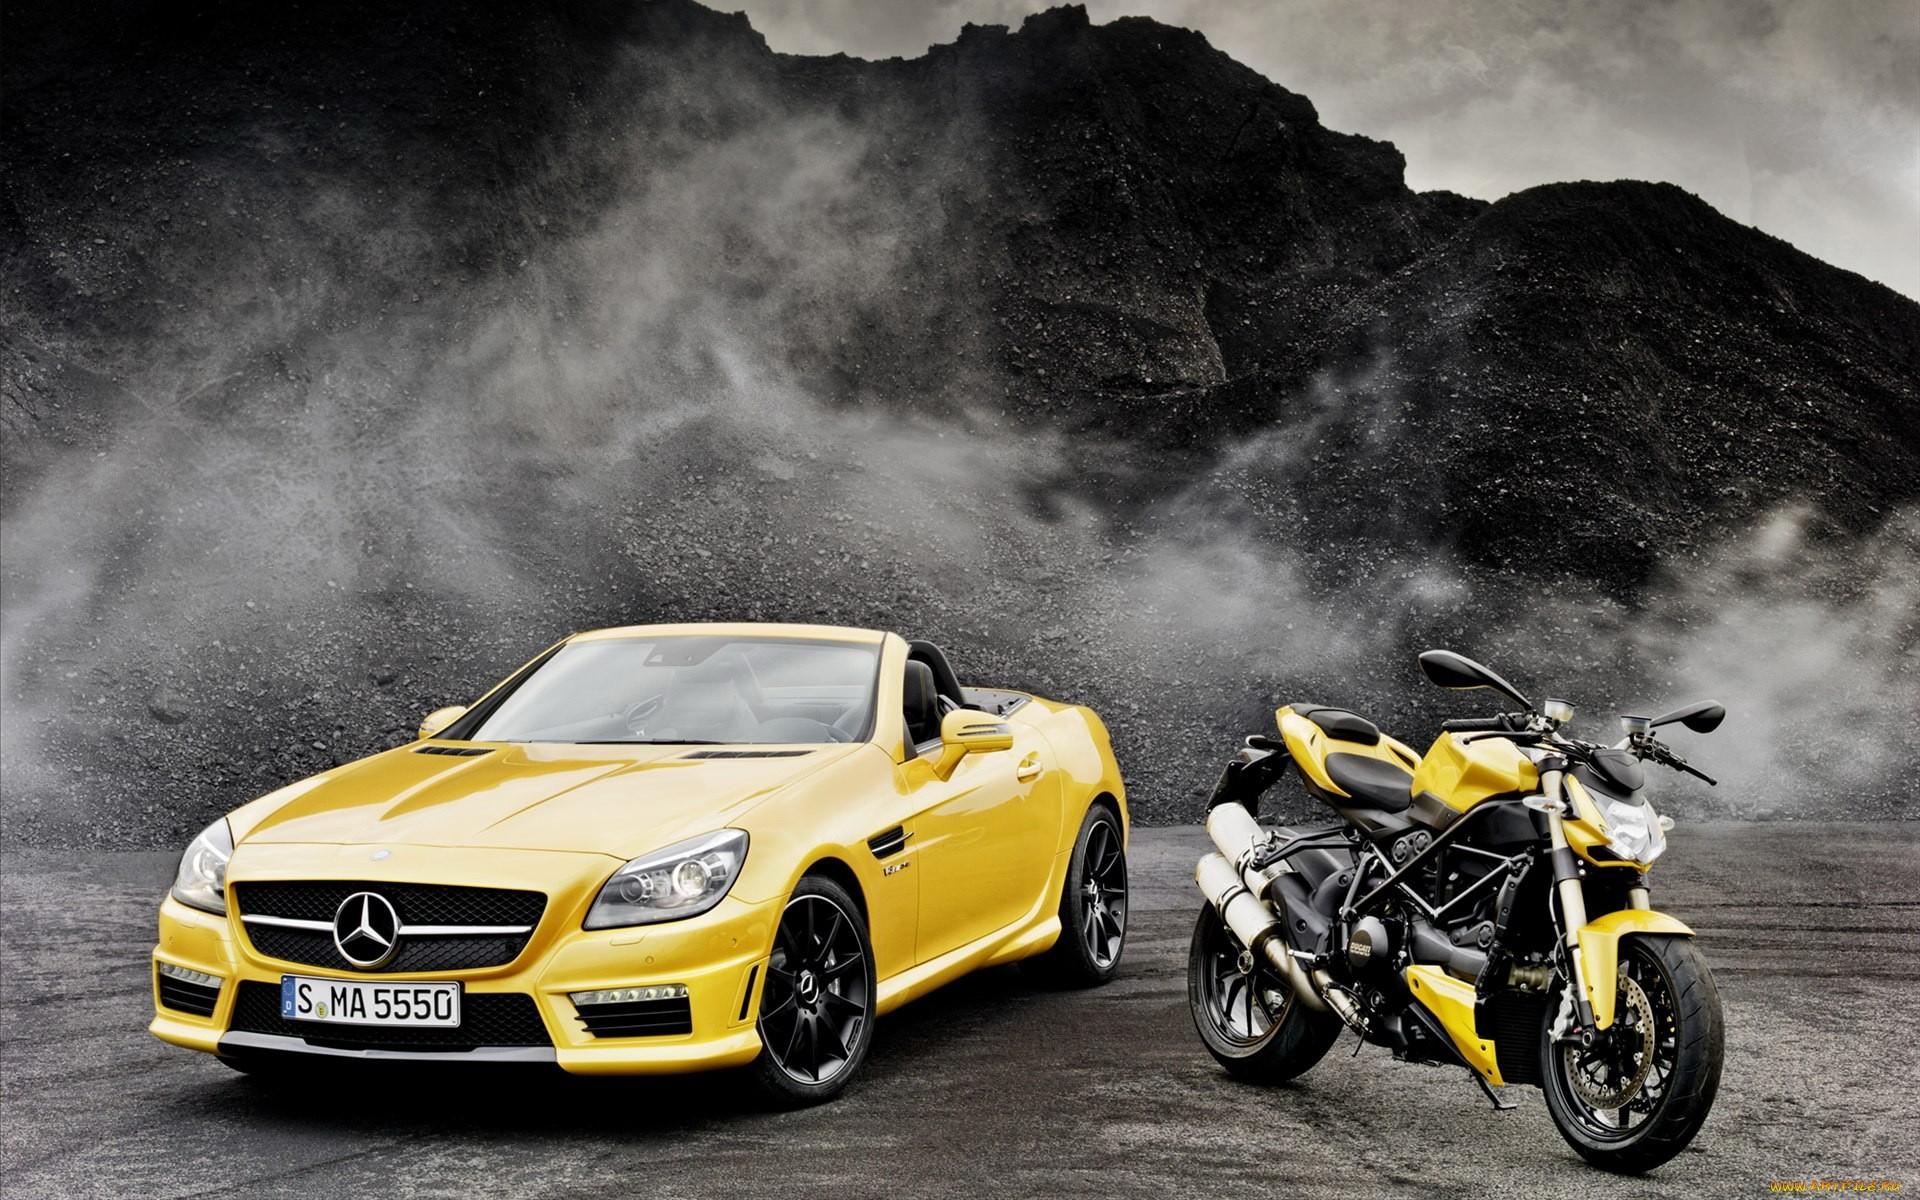 46693 скачать обои Транспорт, Машины, Мерседес (Mercedes), Мотоциклы - заставки и картинки бесплатно